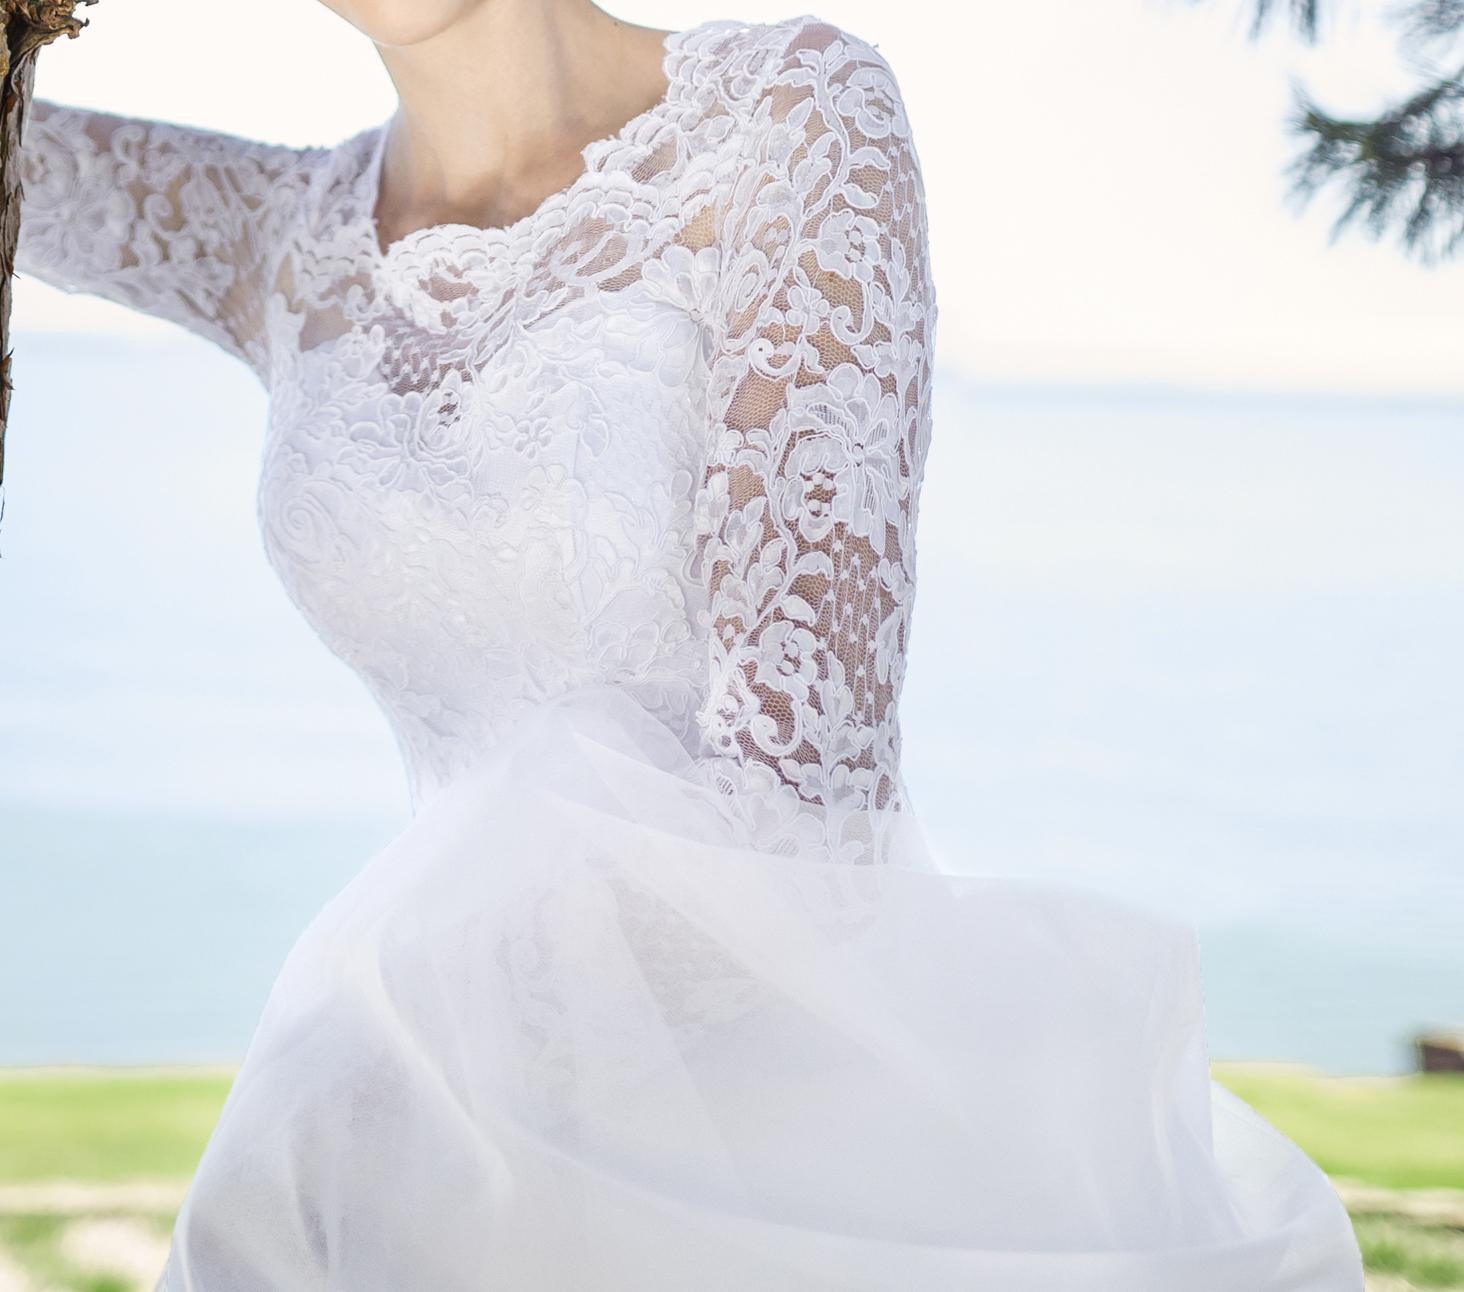 Svadobné šaty s dlhým rukávom - Obrázok č. 2